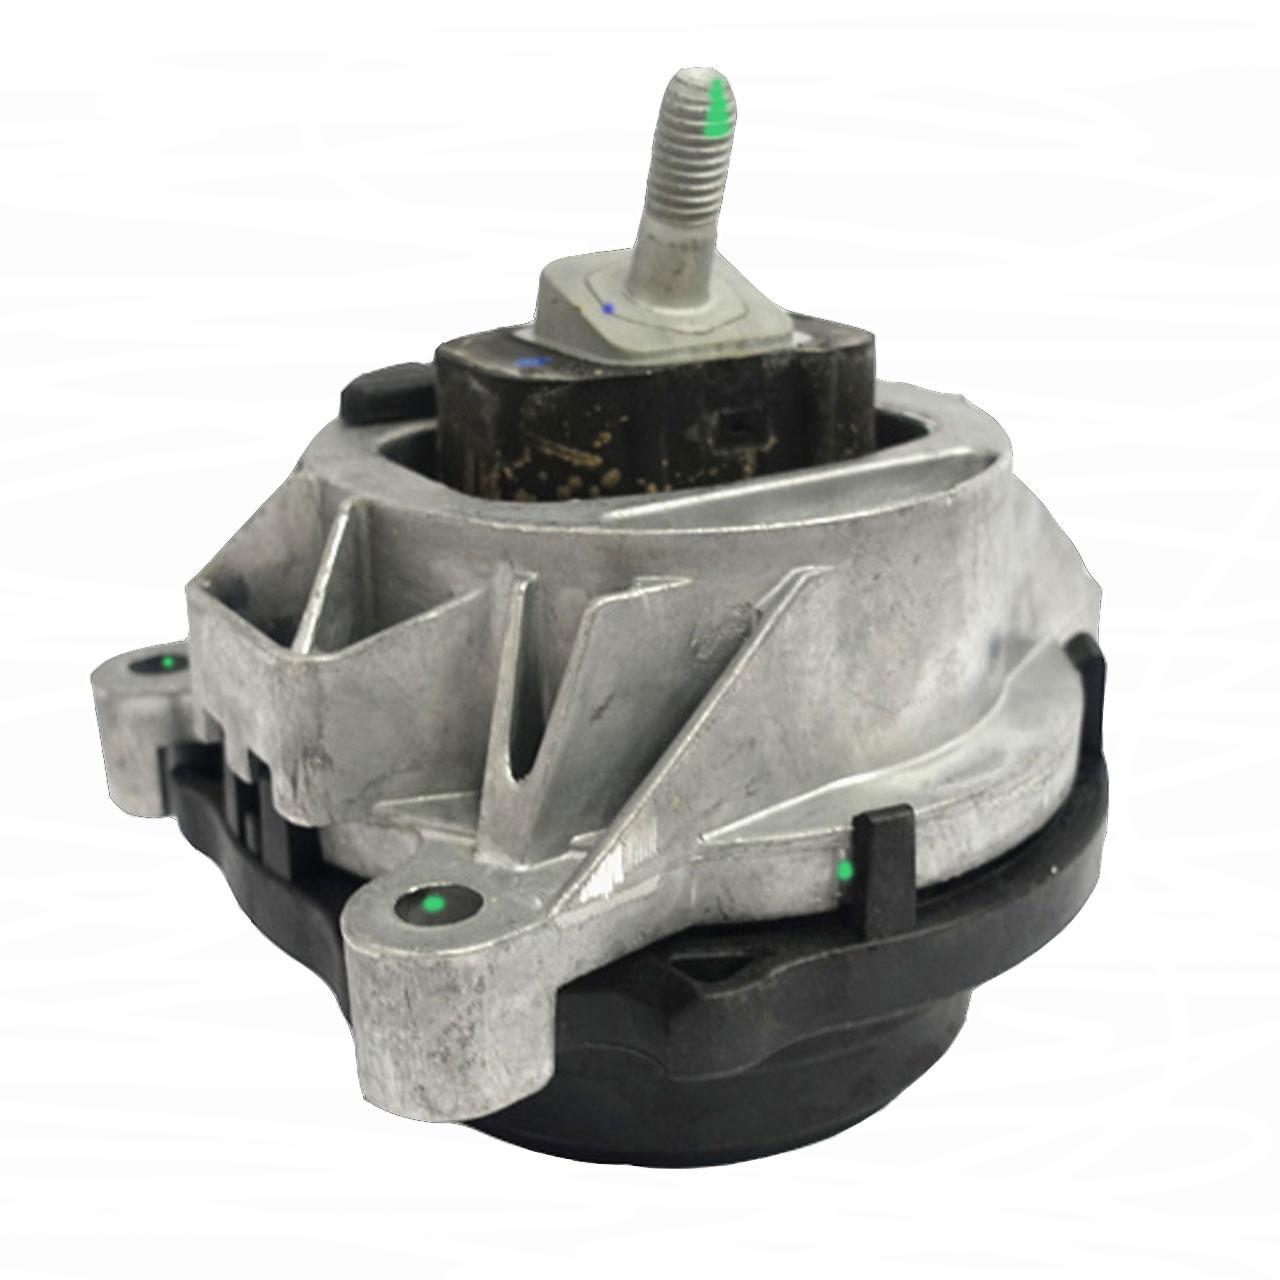 دسته موتور راست بی ام دبلیو مدل F26 مناسب برای بی ام دبلیو X4